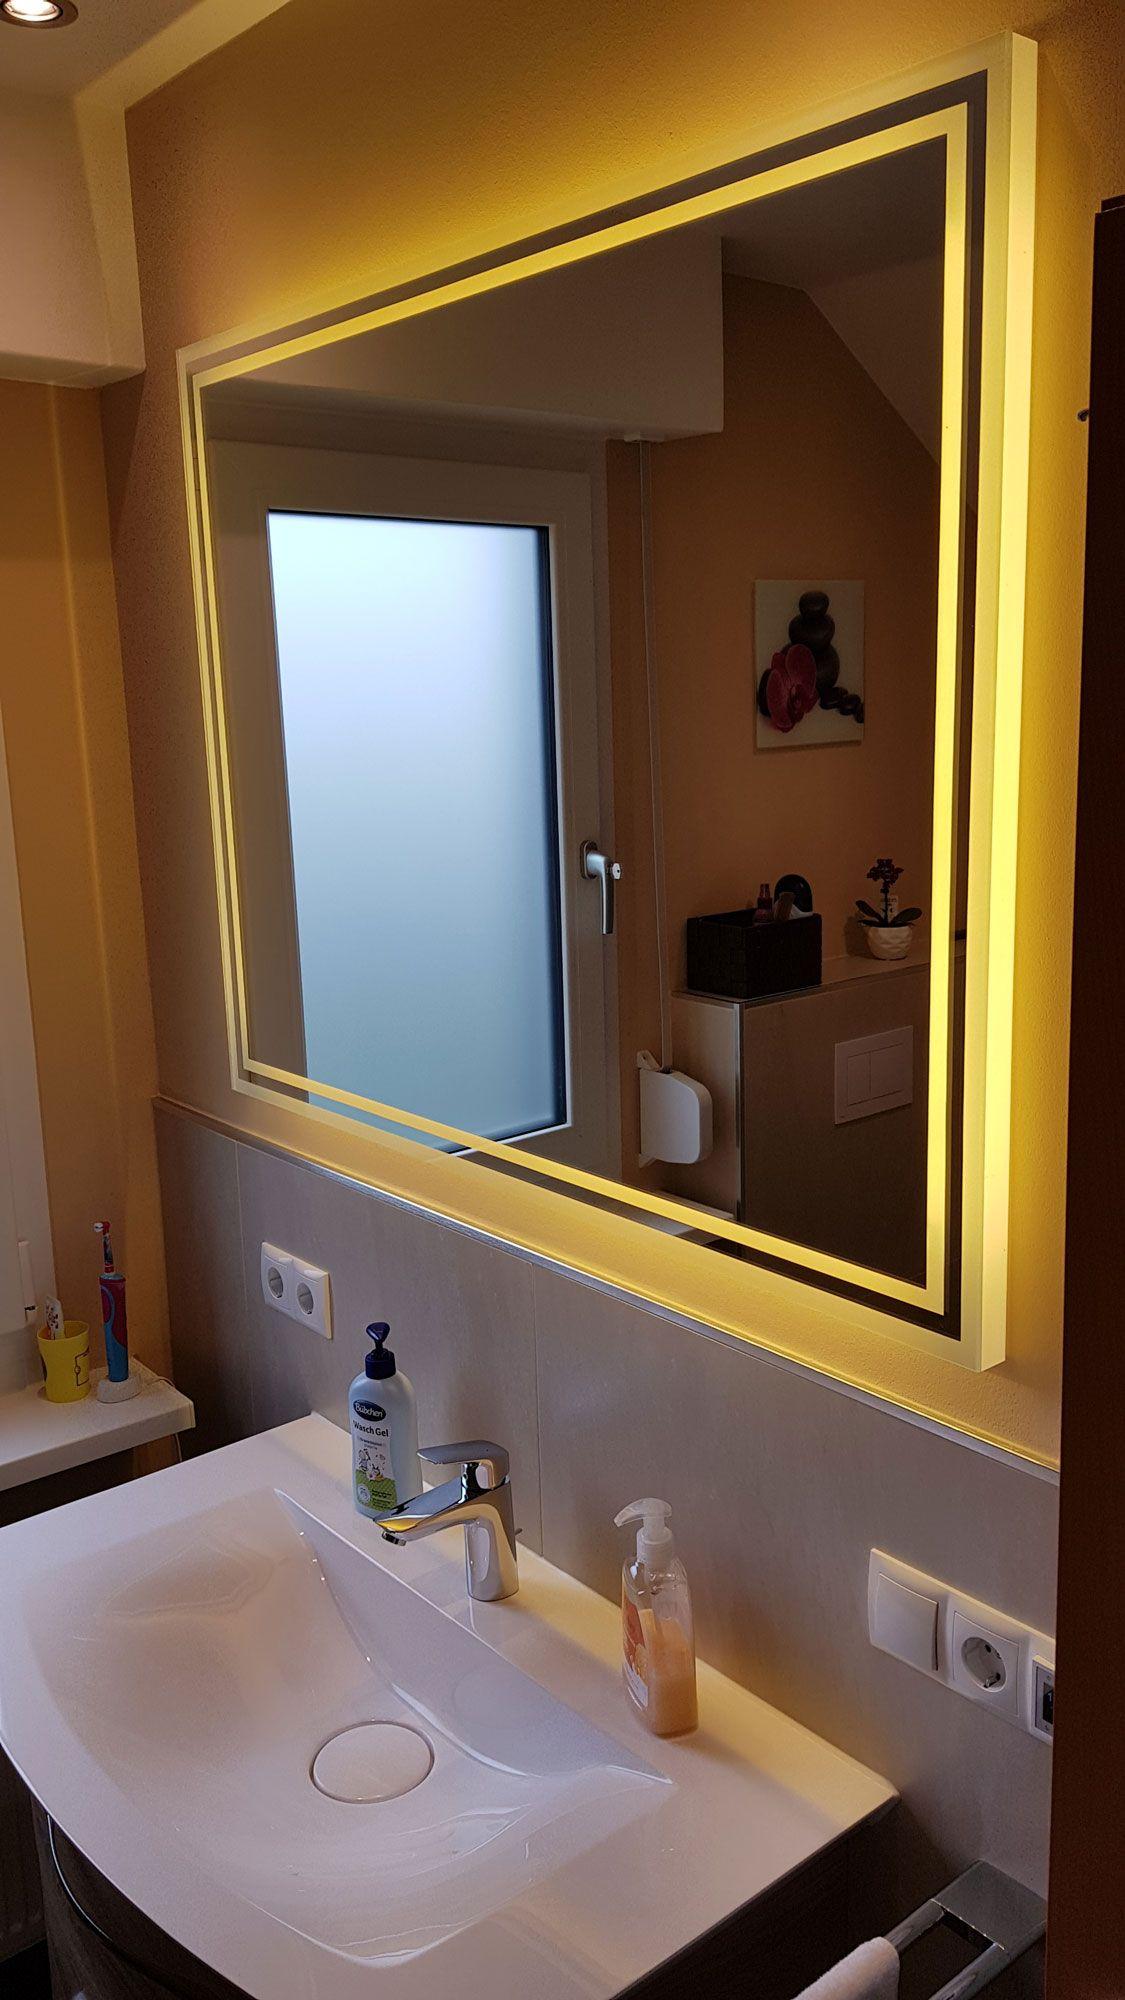 Badspiegel Aramos Ist Ein Tv Spiegel Mit Beleuchtung Badspiegel Spiegel Mit Beleuchtung Badezimmerspiegel